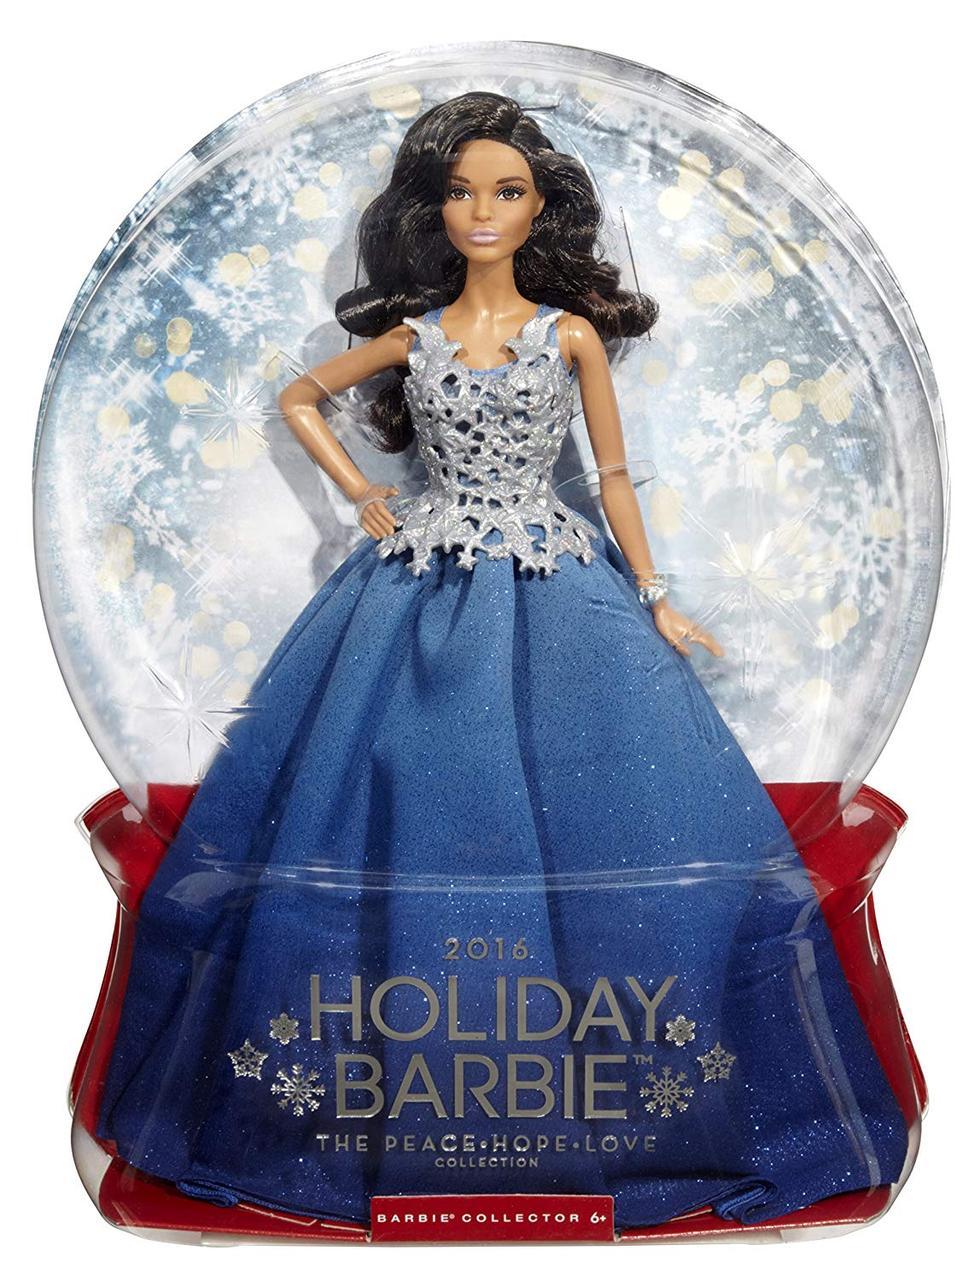 Кукла Барби Холидей праздничная в синем платье Barbie Holiday 2016 темная новогодняя афроамериканка